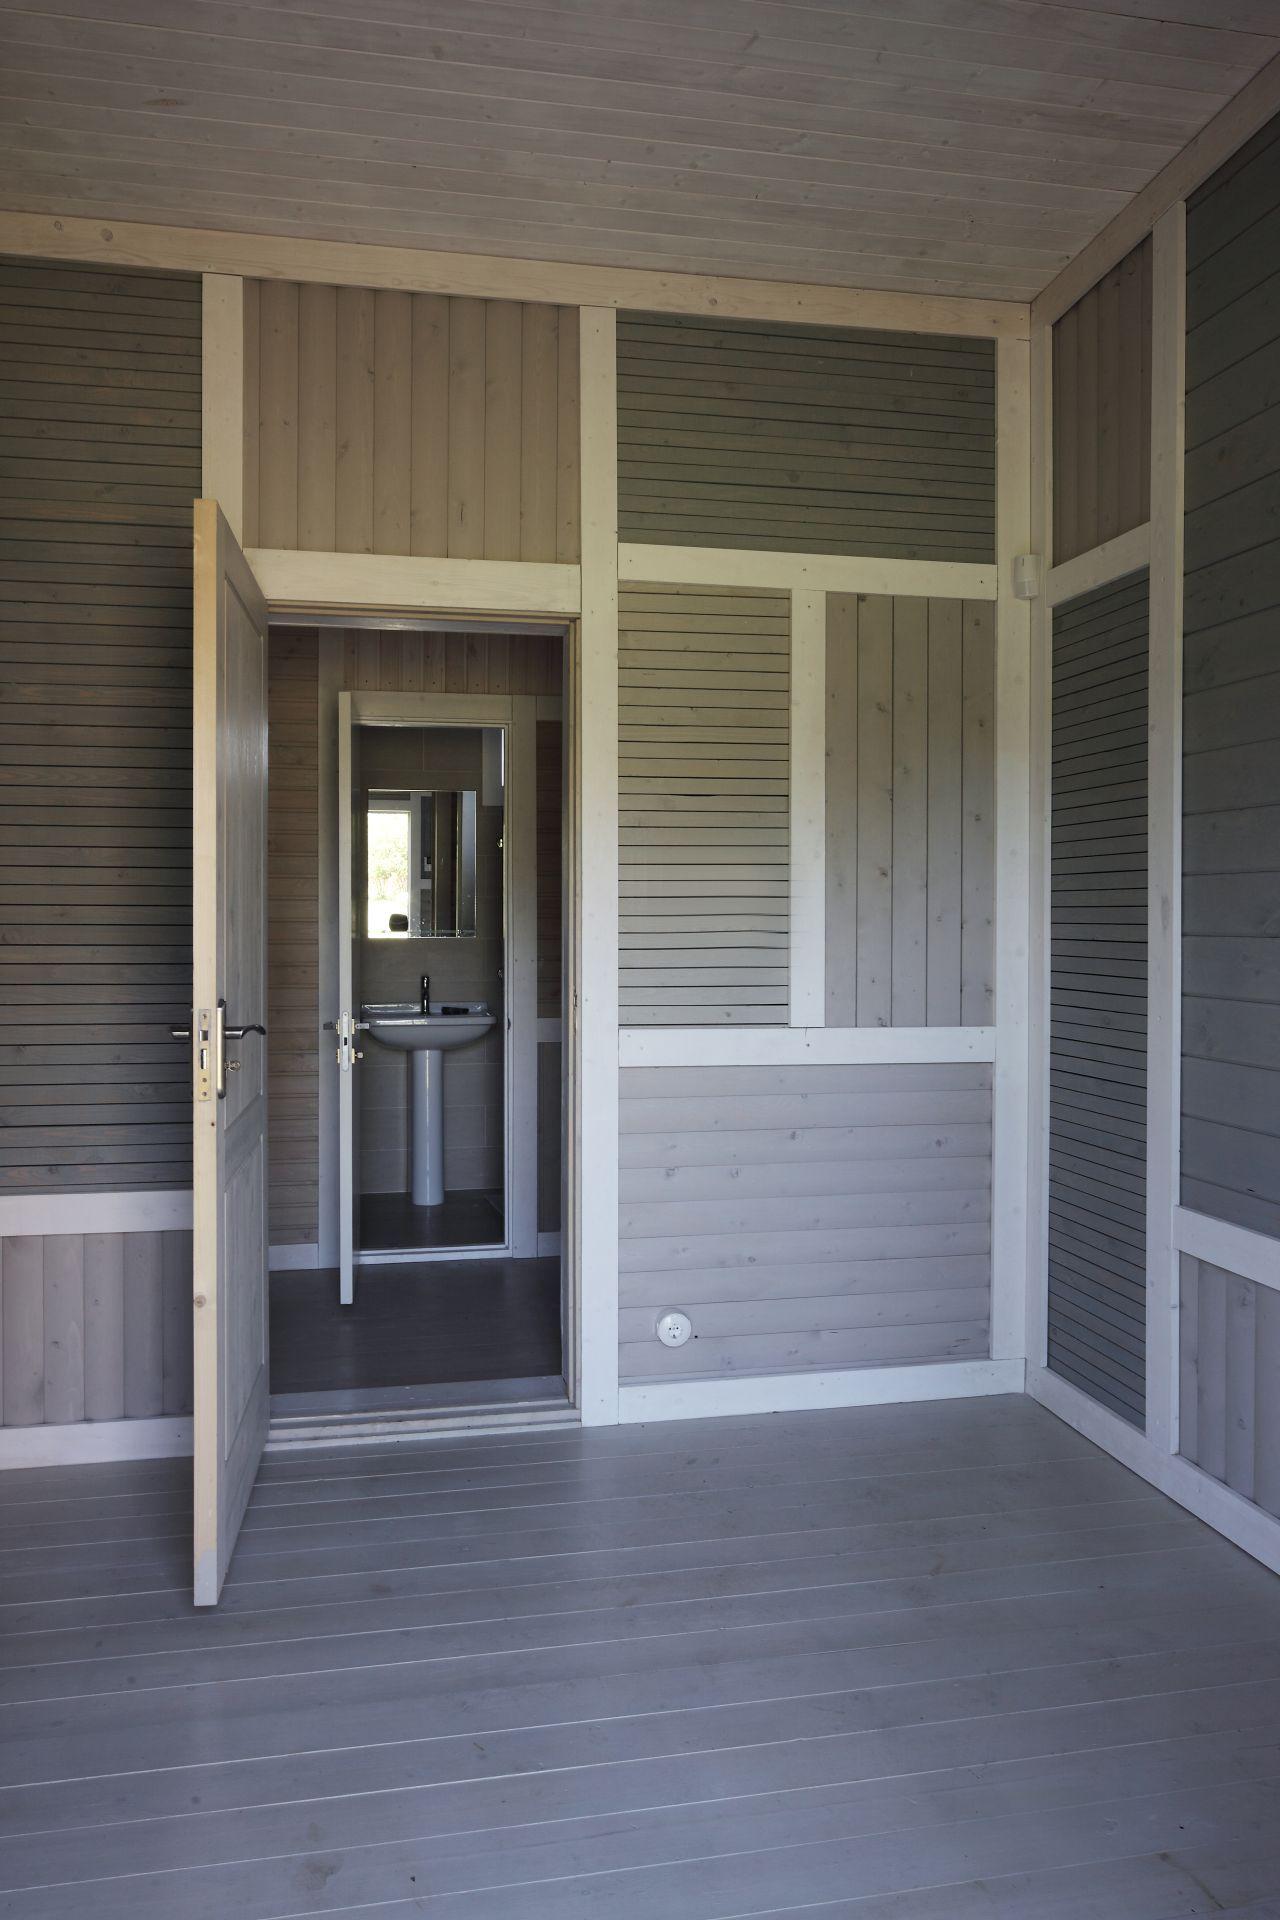 51ef0e13e8e44e94e50000ae_deco-pattern-house-peter-kostelov_kostelov_deco_pattern_veranda_01a